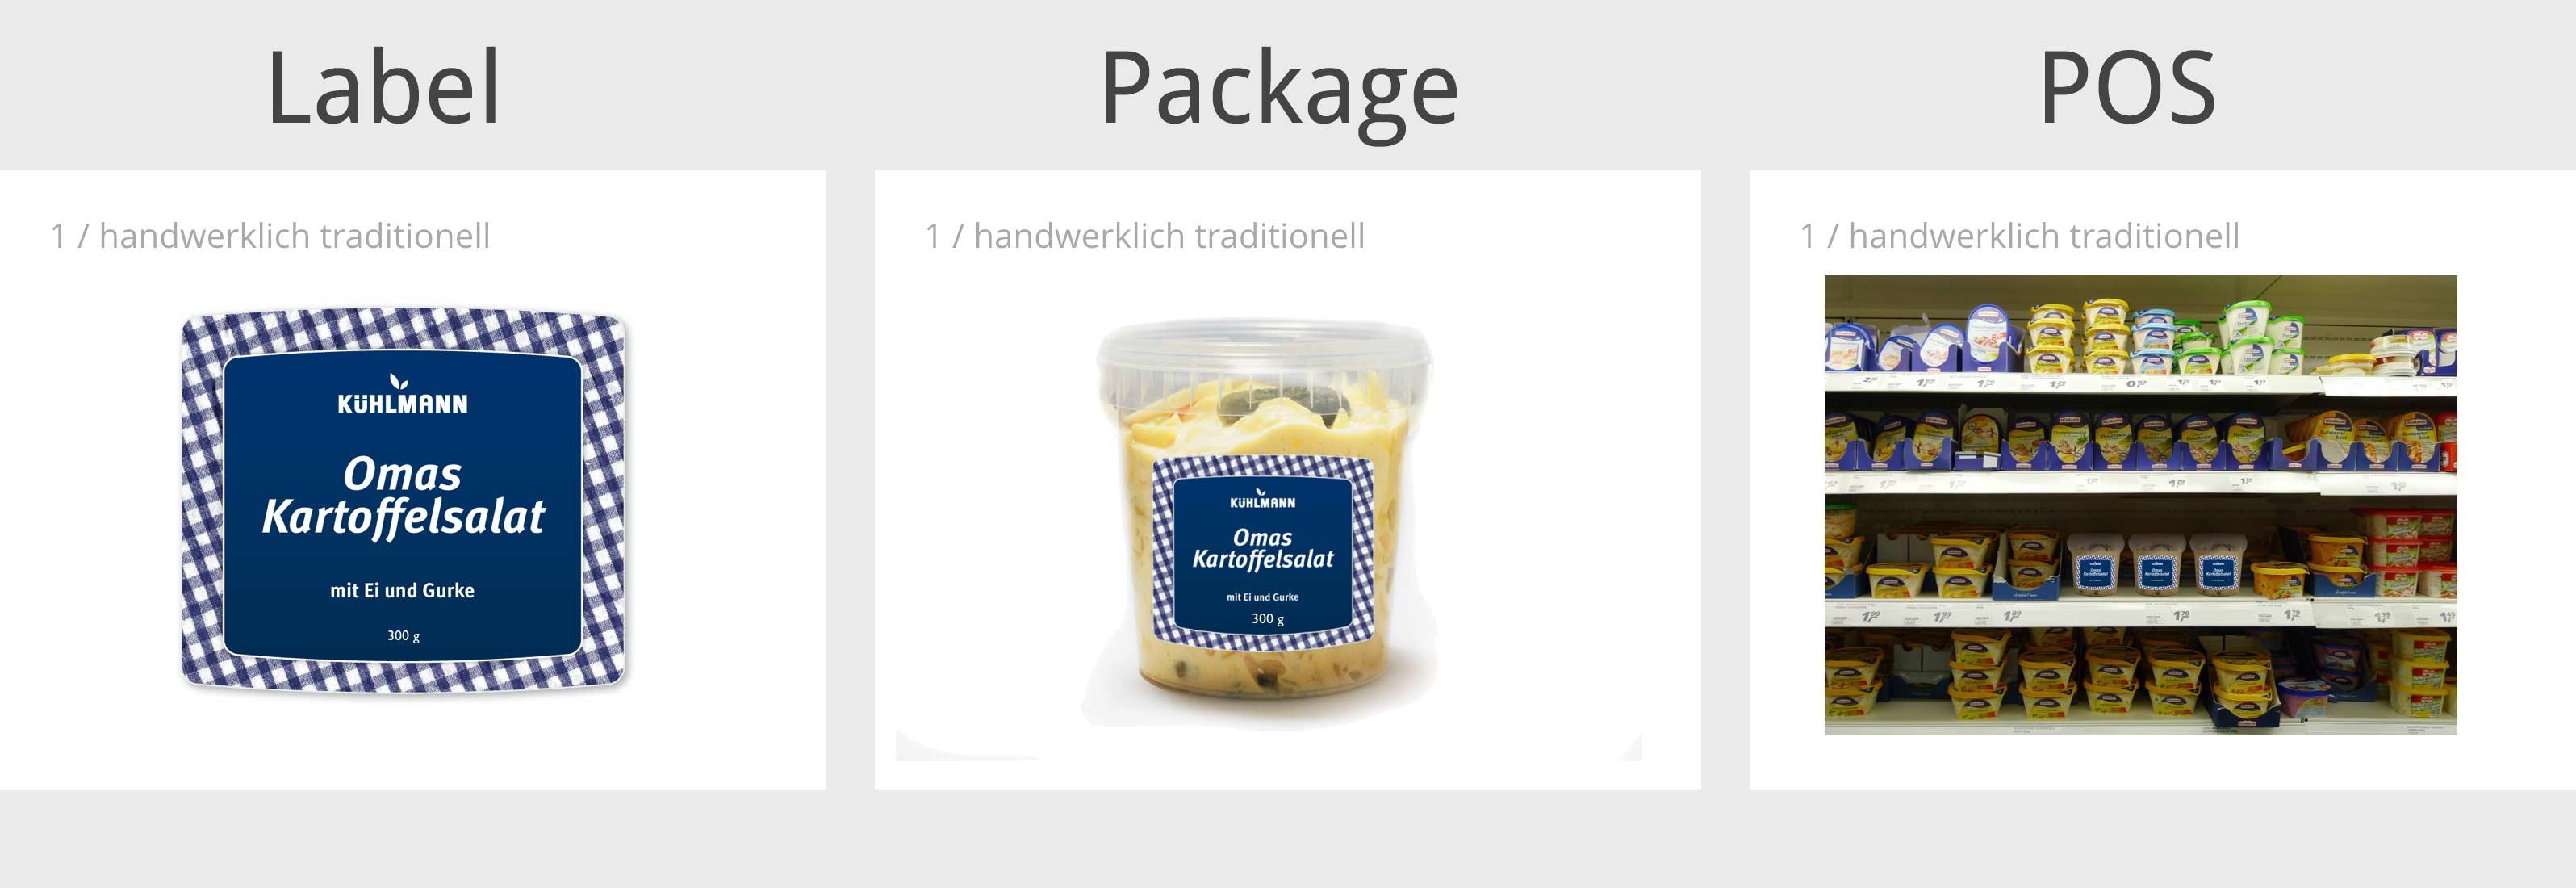 Feinkost-Packungen